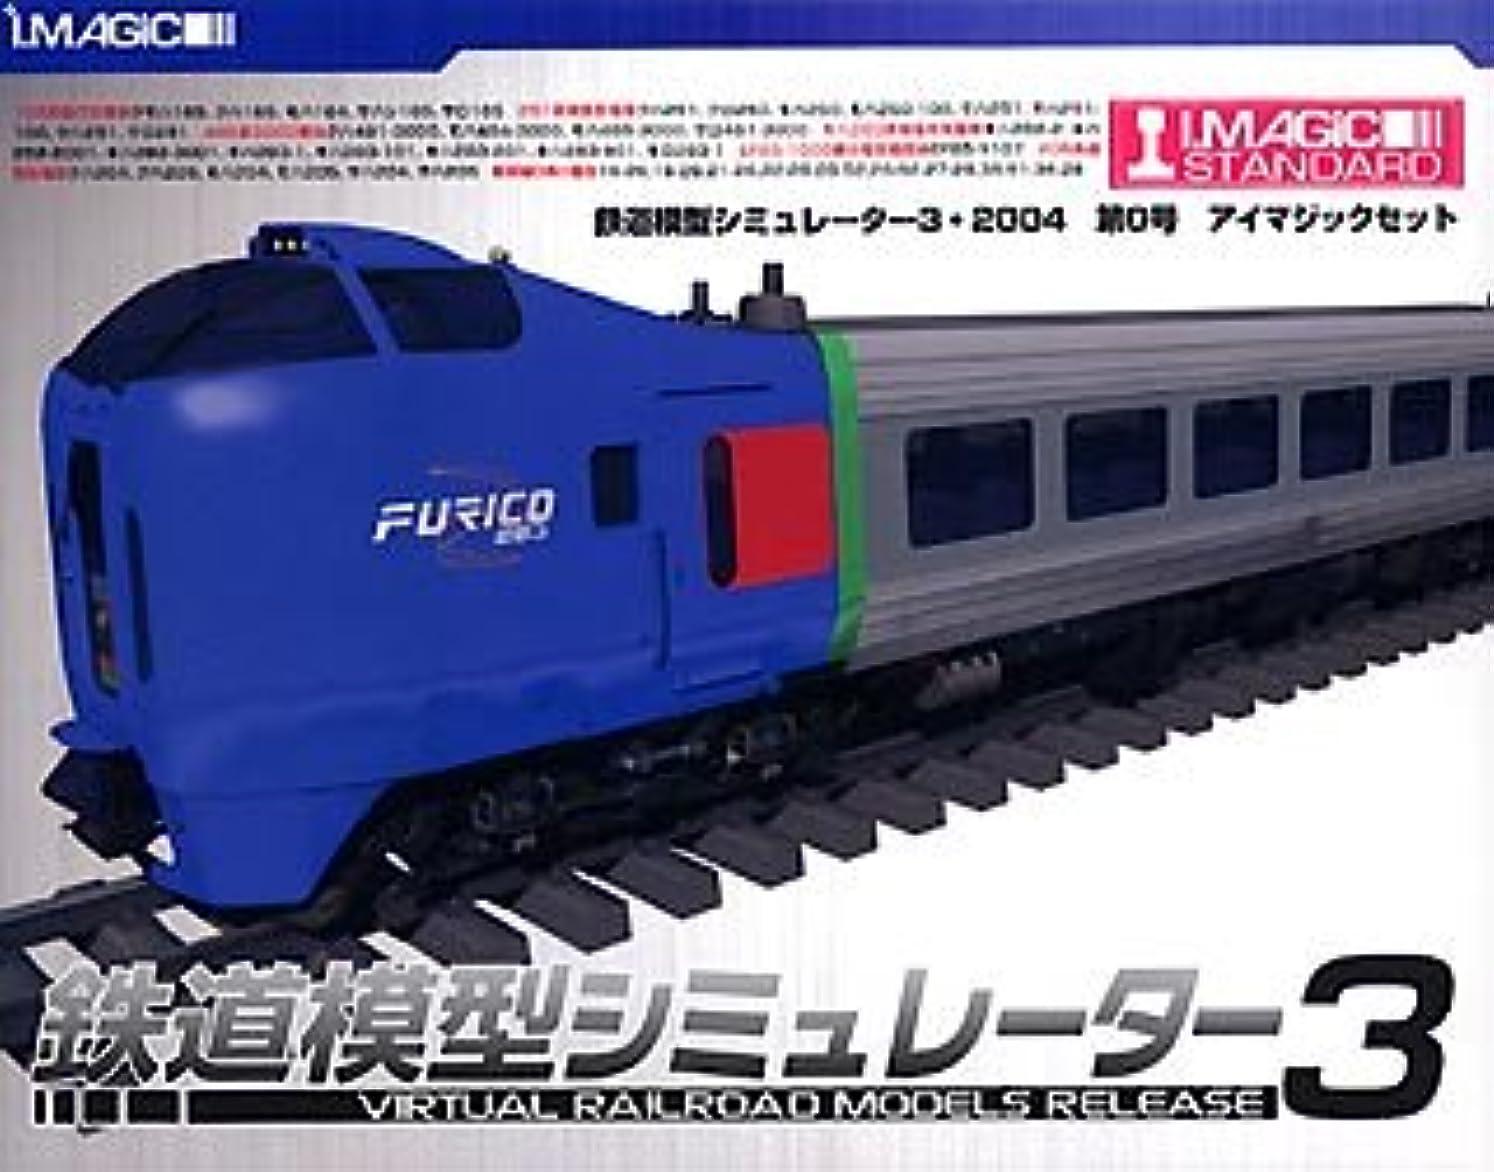 テンション砲兵毛細血管鉄道模型シミュレーター 3?2004 第0号 アイマジックセット